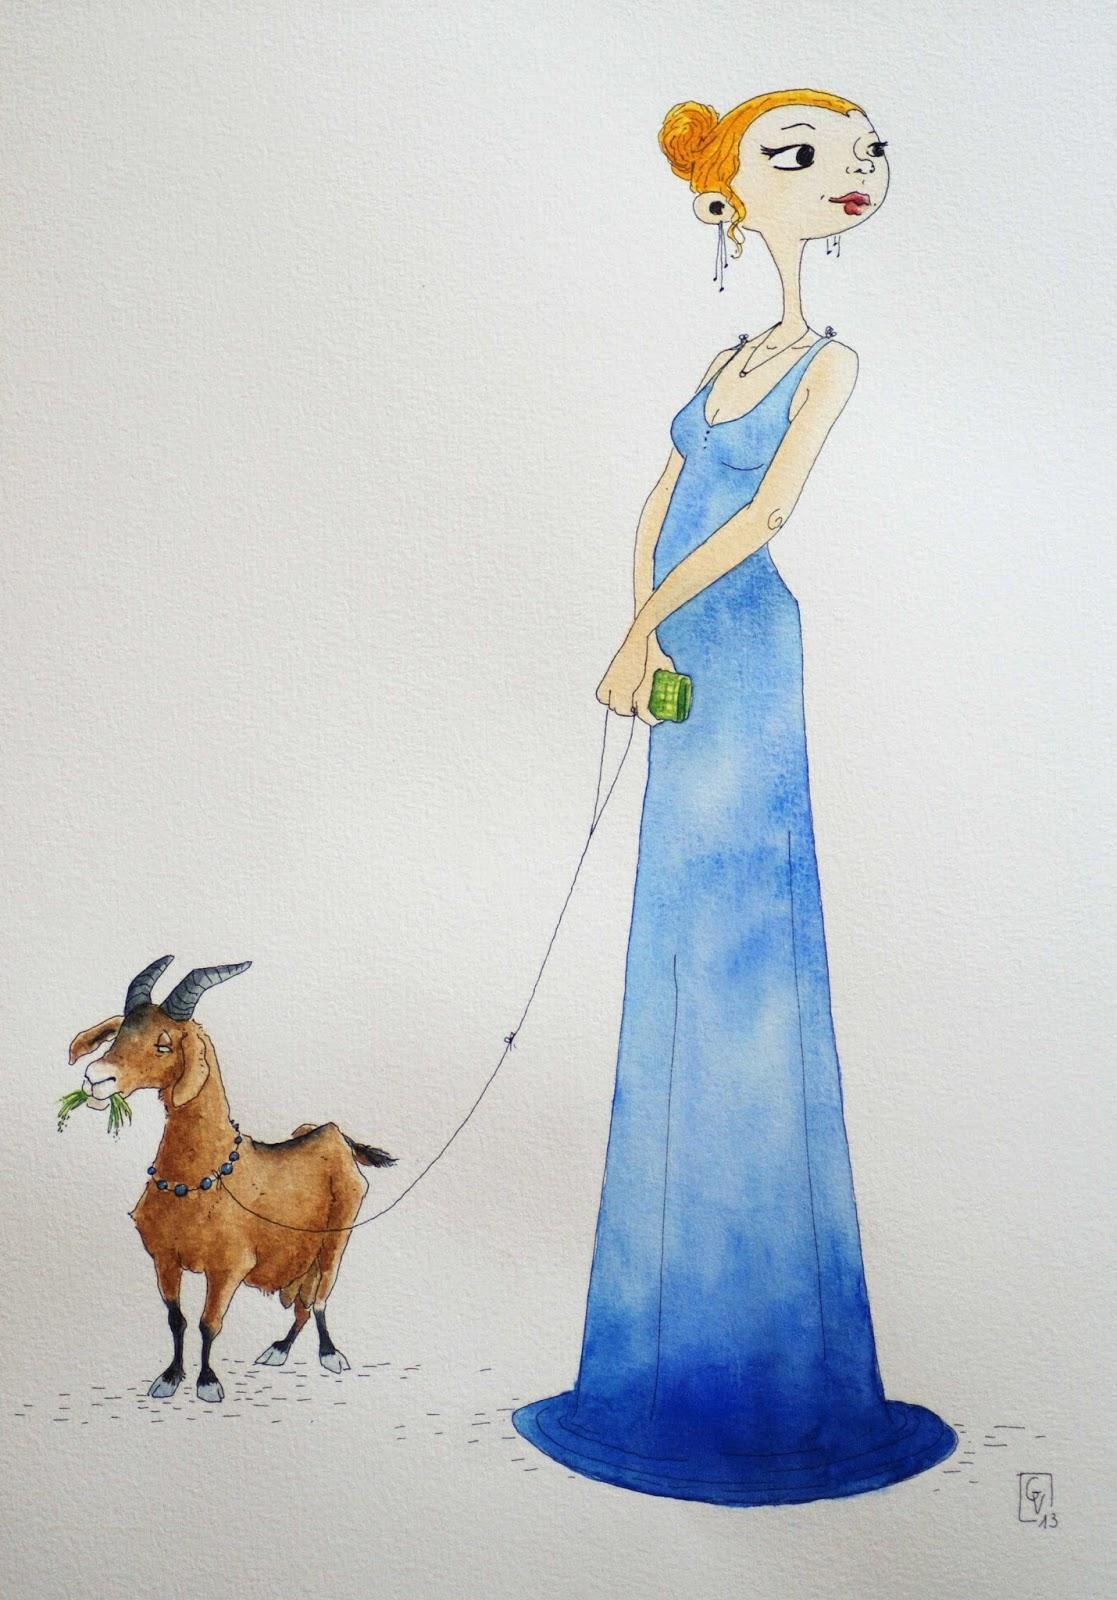 Femme + chèvre